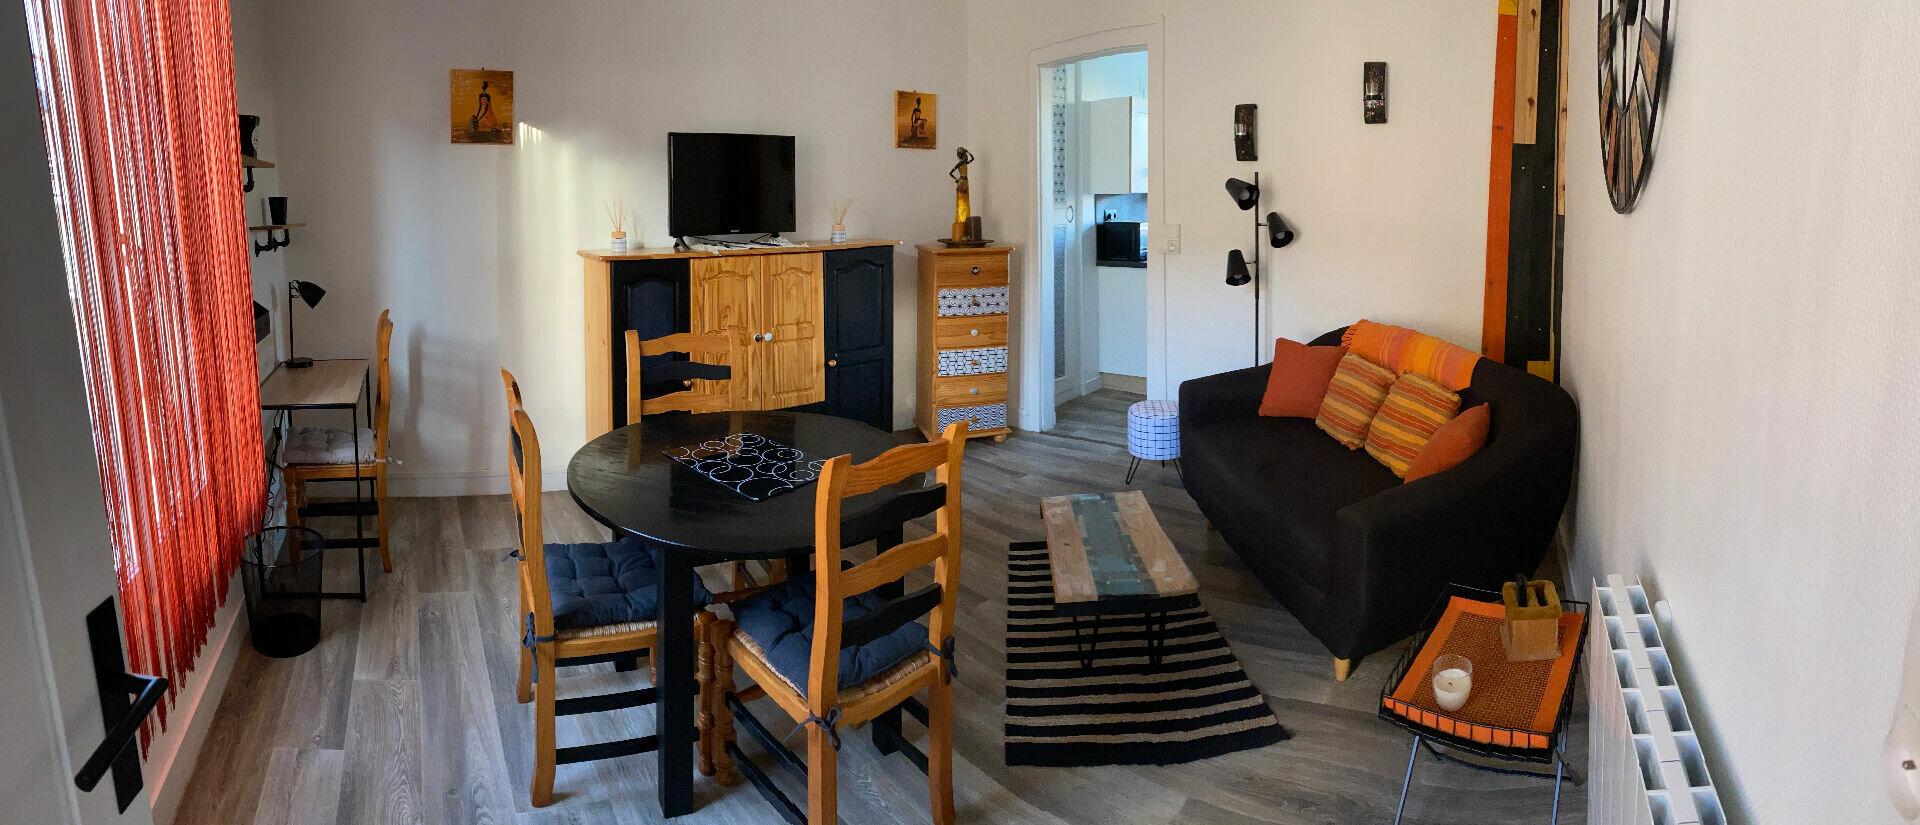 Appartement à louer 2 32.09m2 à Le Havre vignette-1